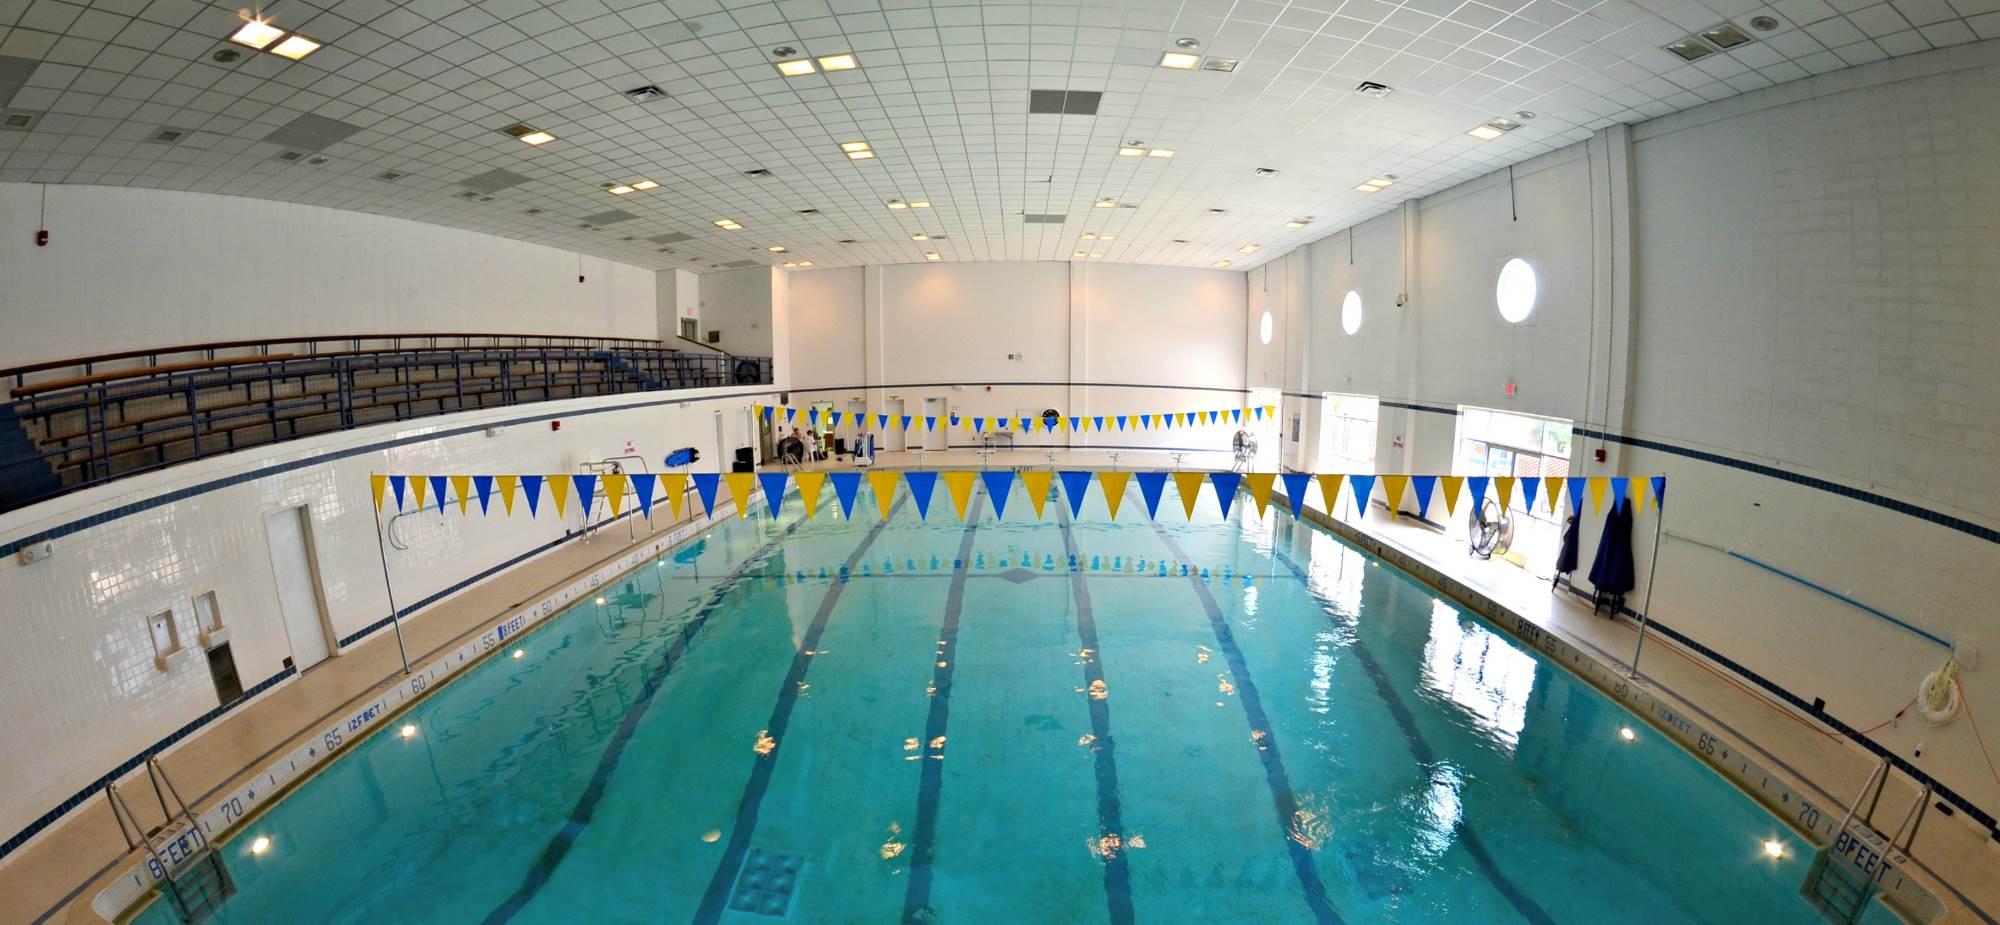 UML Pool